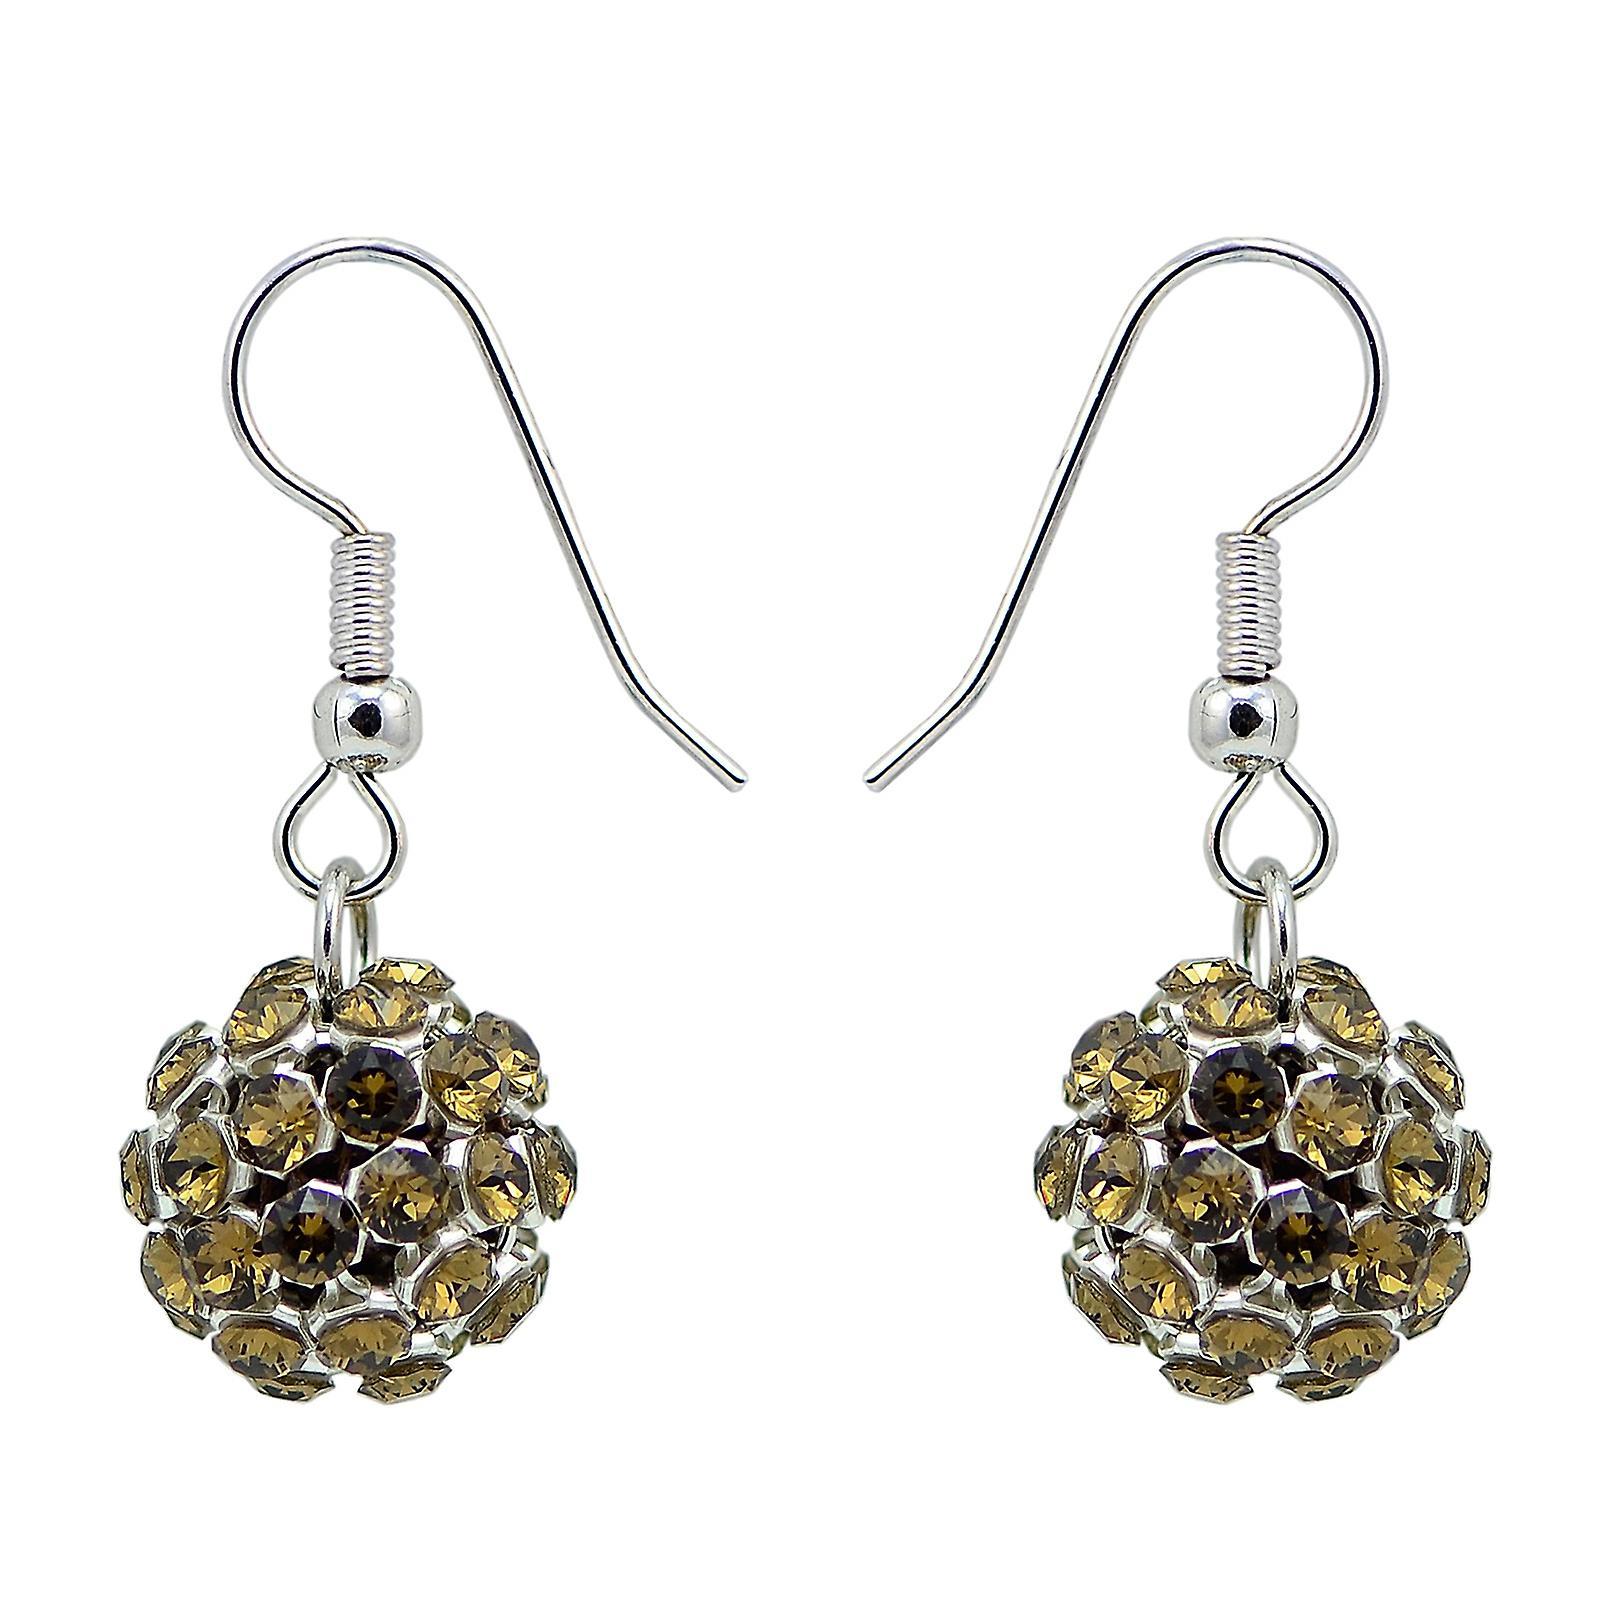 Smoky Quartz Crystal Mesh Ball Earrings EMB112.17